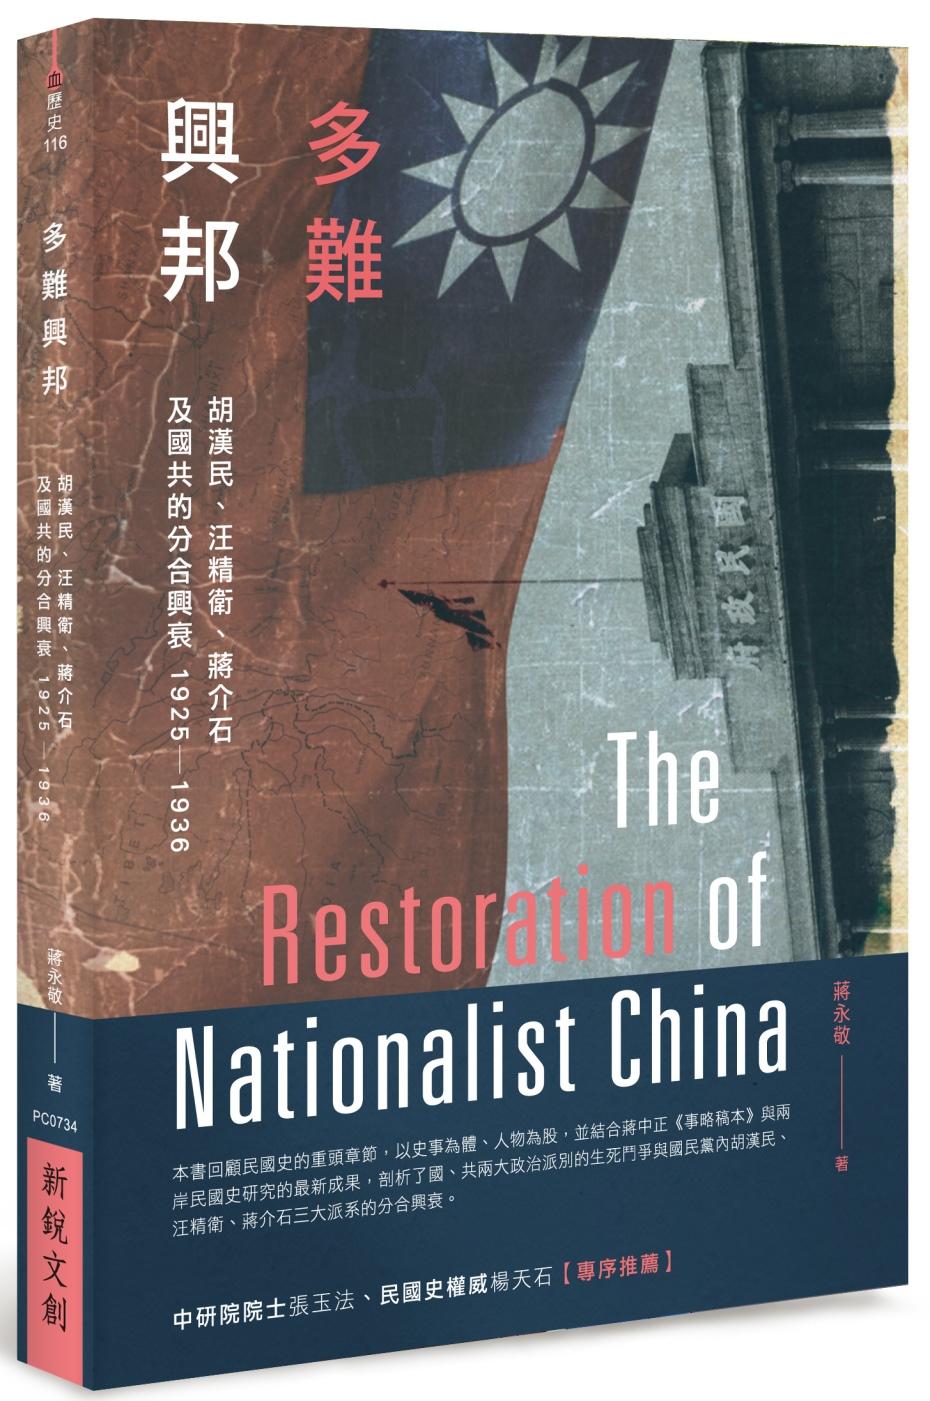 多難興邦:胡漢民、汪精衛、蔣介石及國共的分合興衰1925-1936